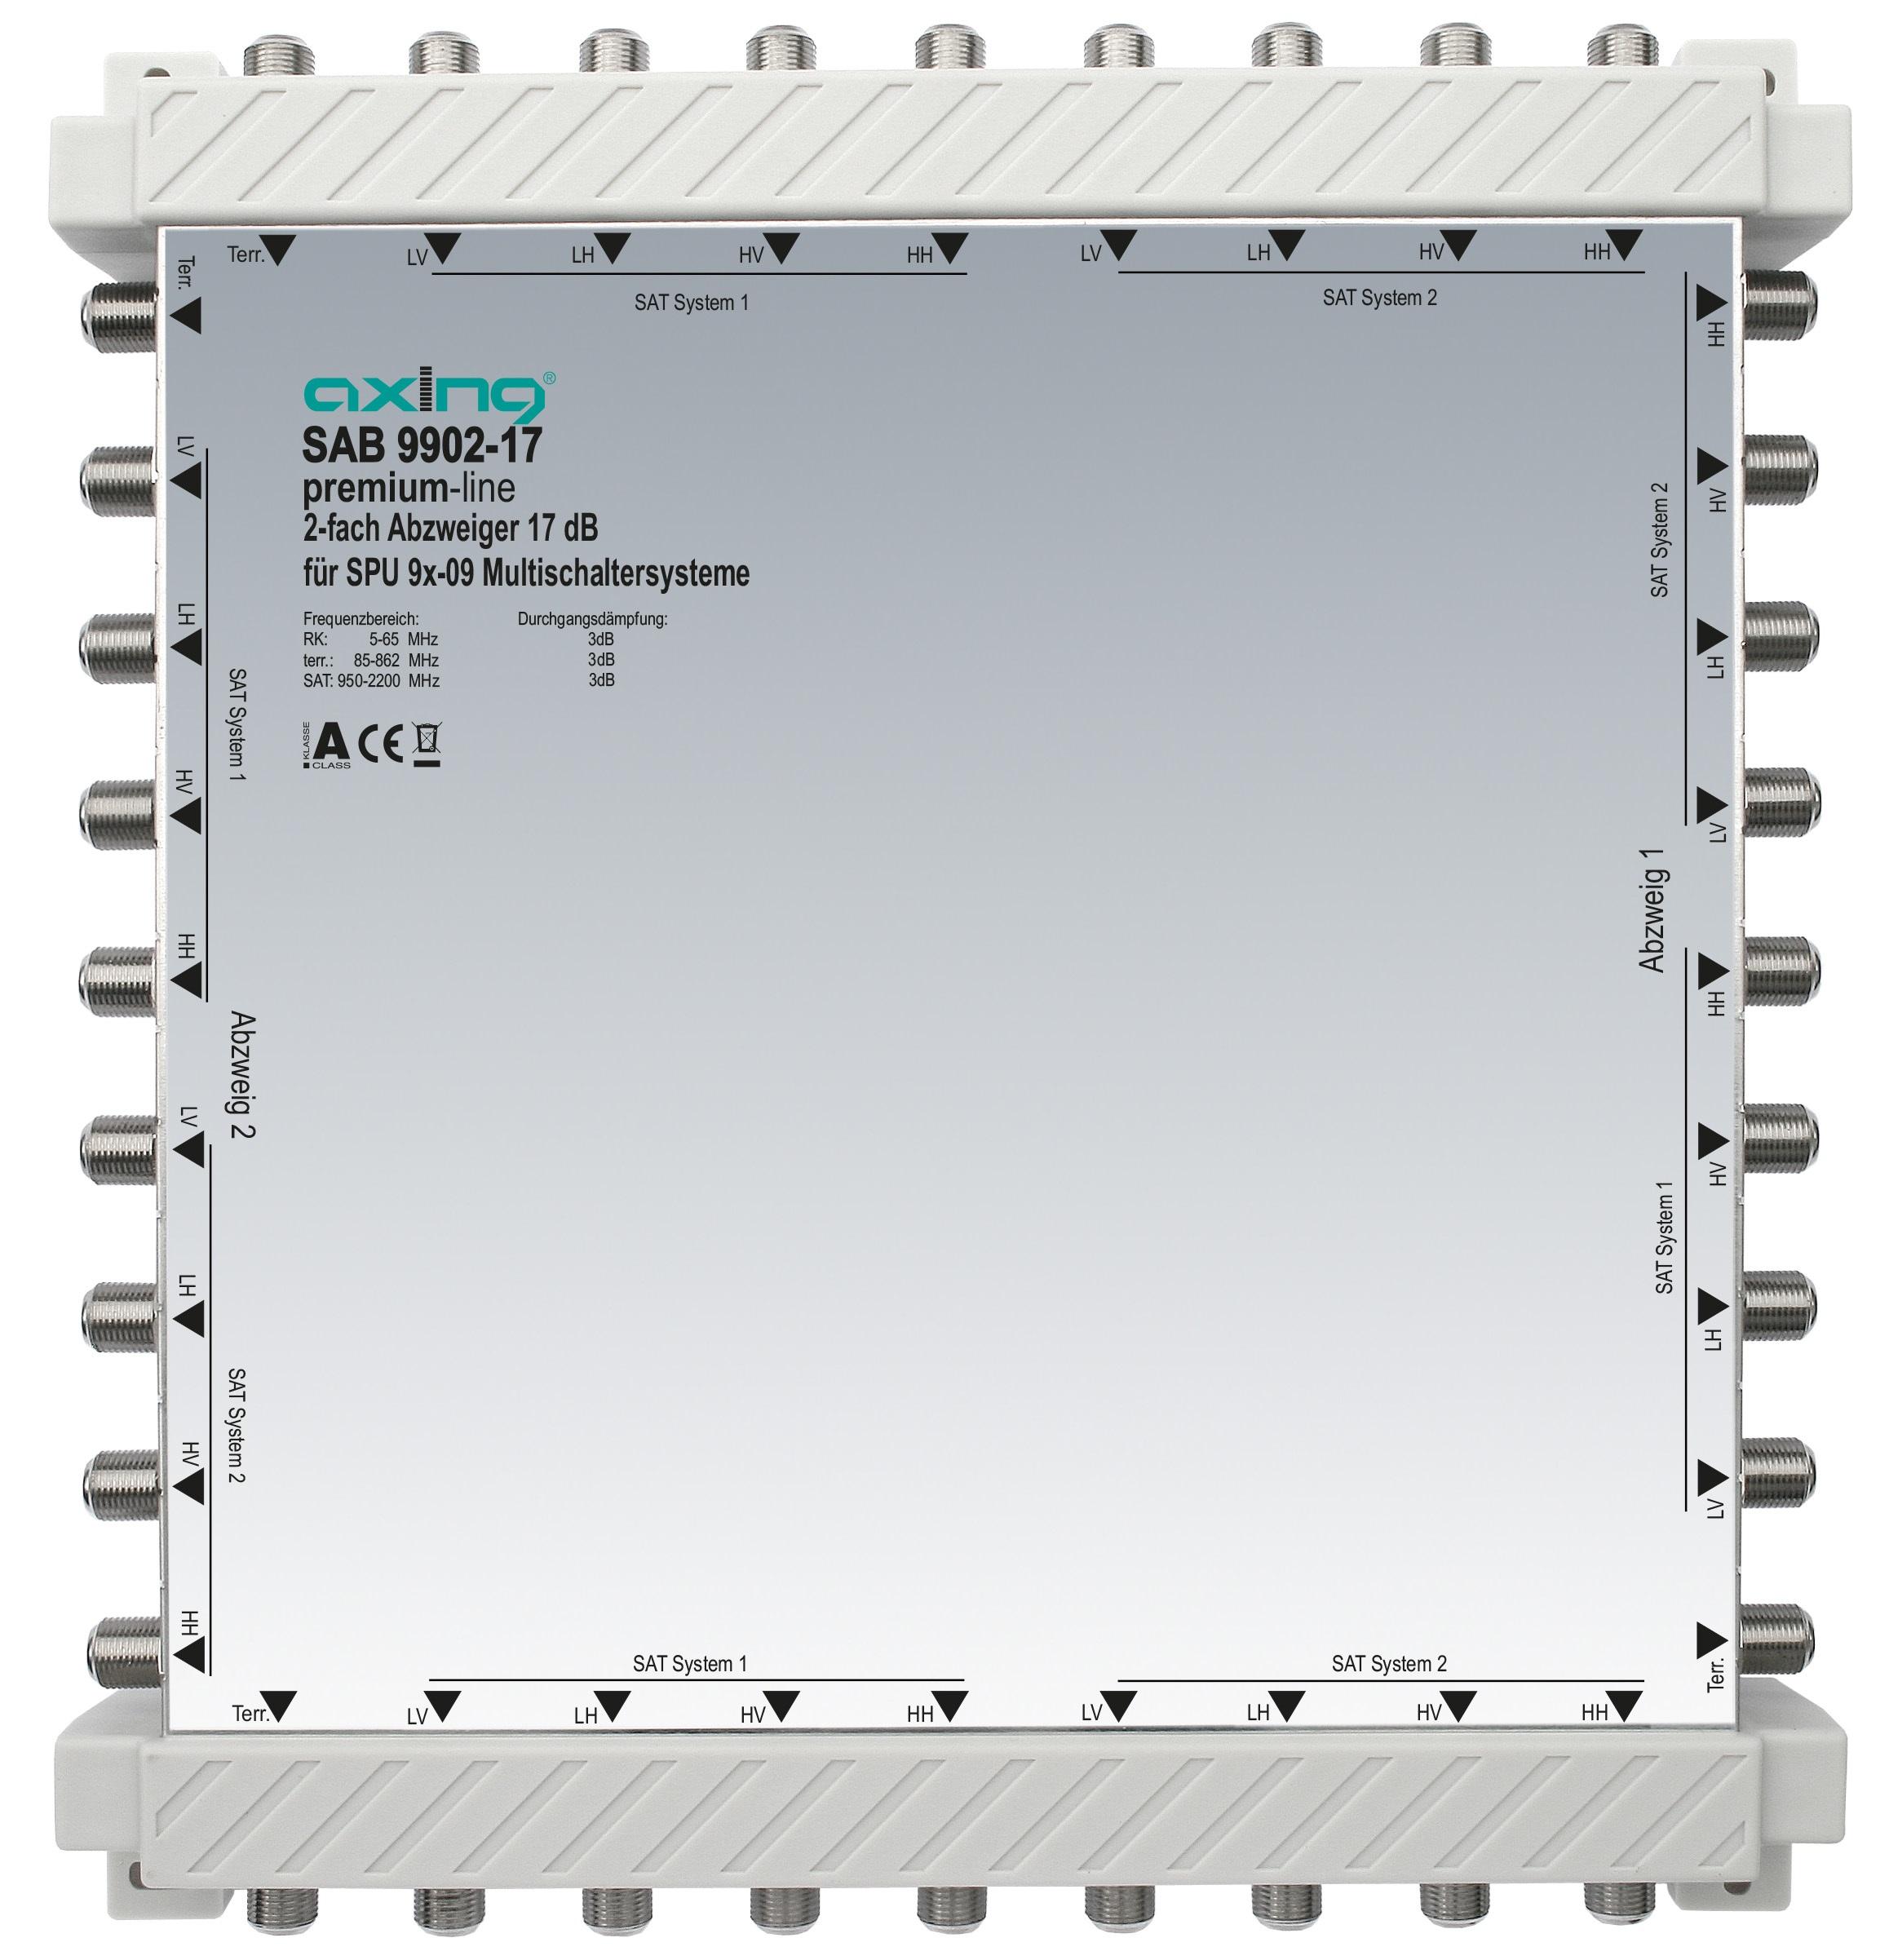 1 Stk 2-fach Abzweiger, 9 in 9, 17 dB, 5 bis 2200 MHz, SAB9902-17 HSZUV99217